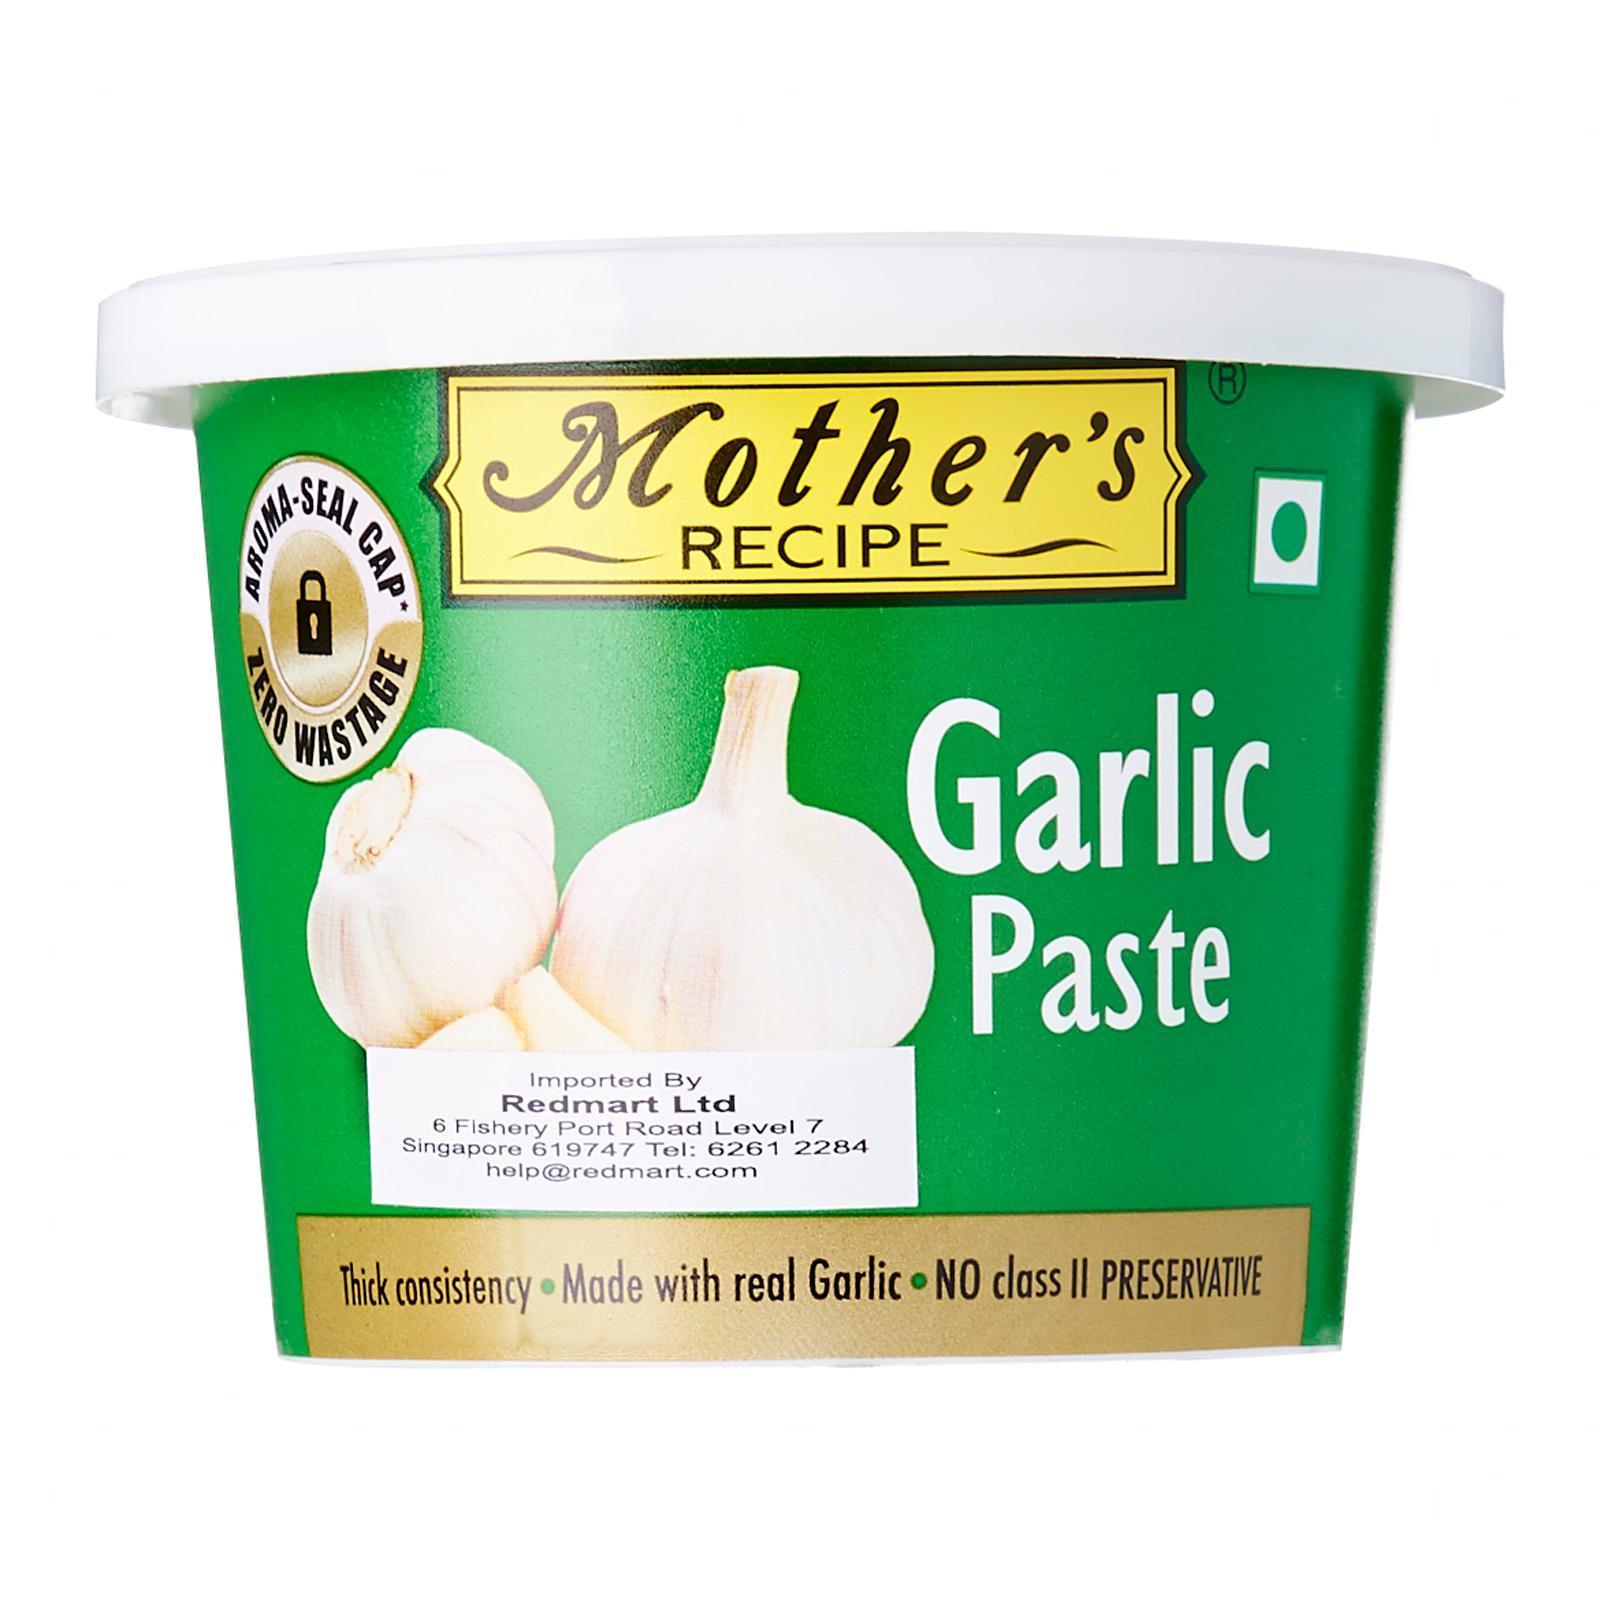 Mothers Garlic Paste